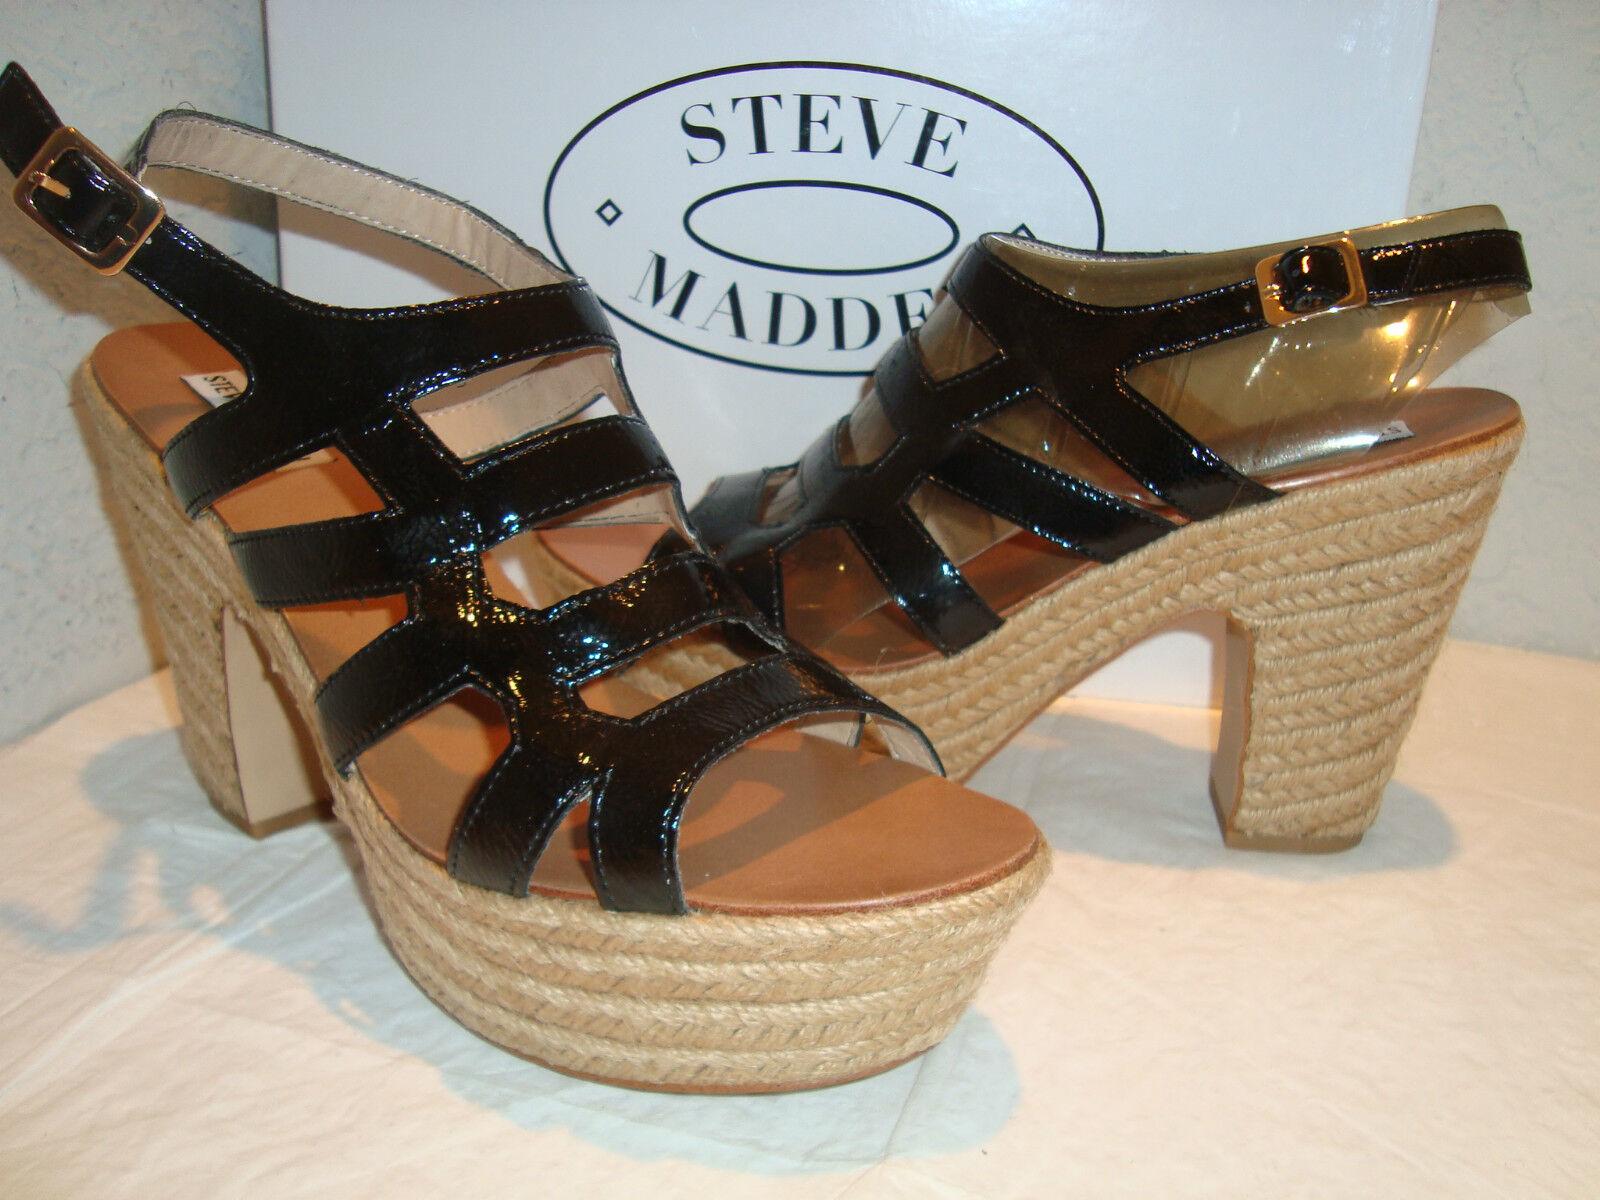 Nuevo para mujer naadine Negro Patente Steve Madden Sandalias Zapatos Zapatos Zapatos 10 medio  a precios asequibles